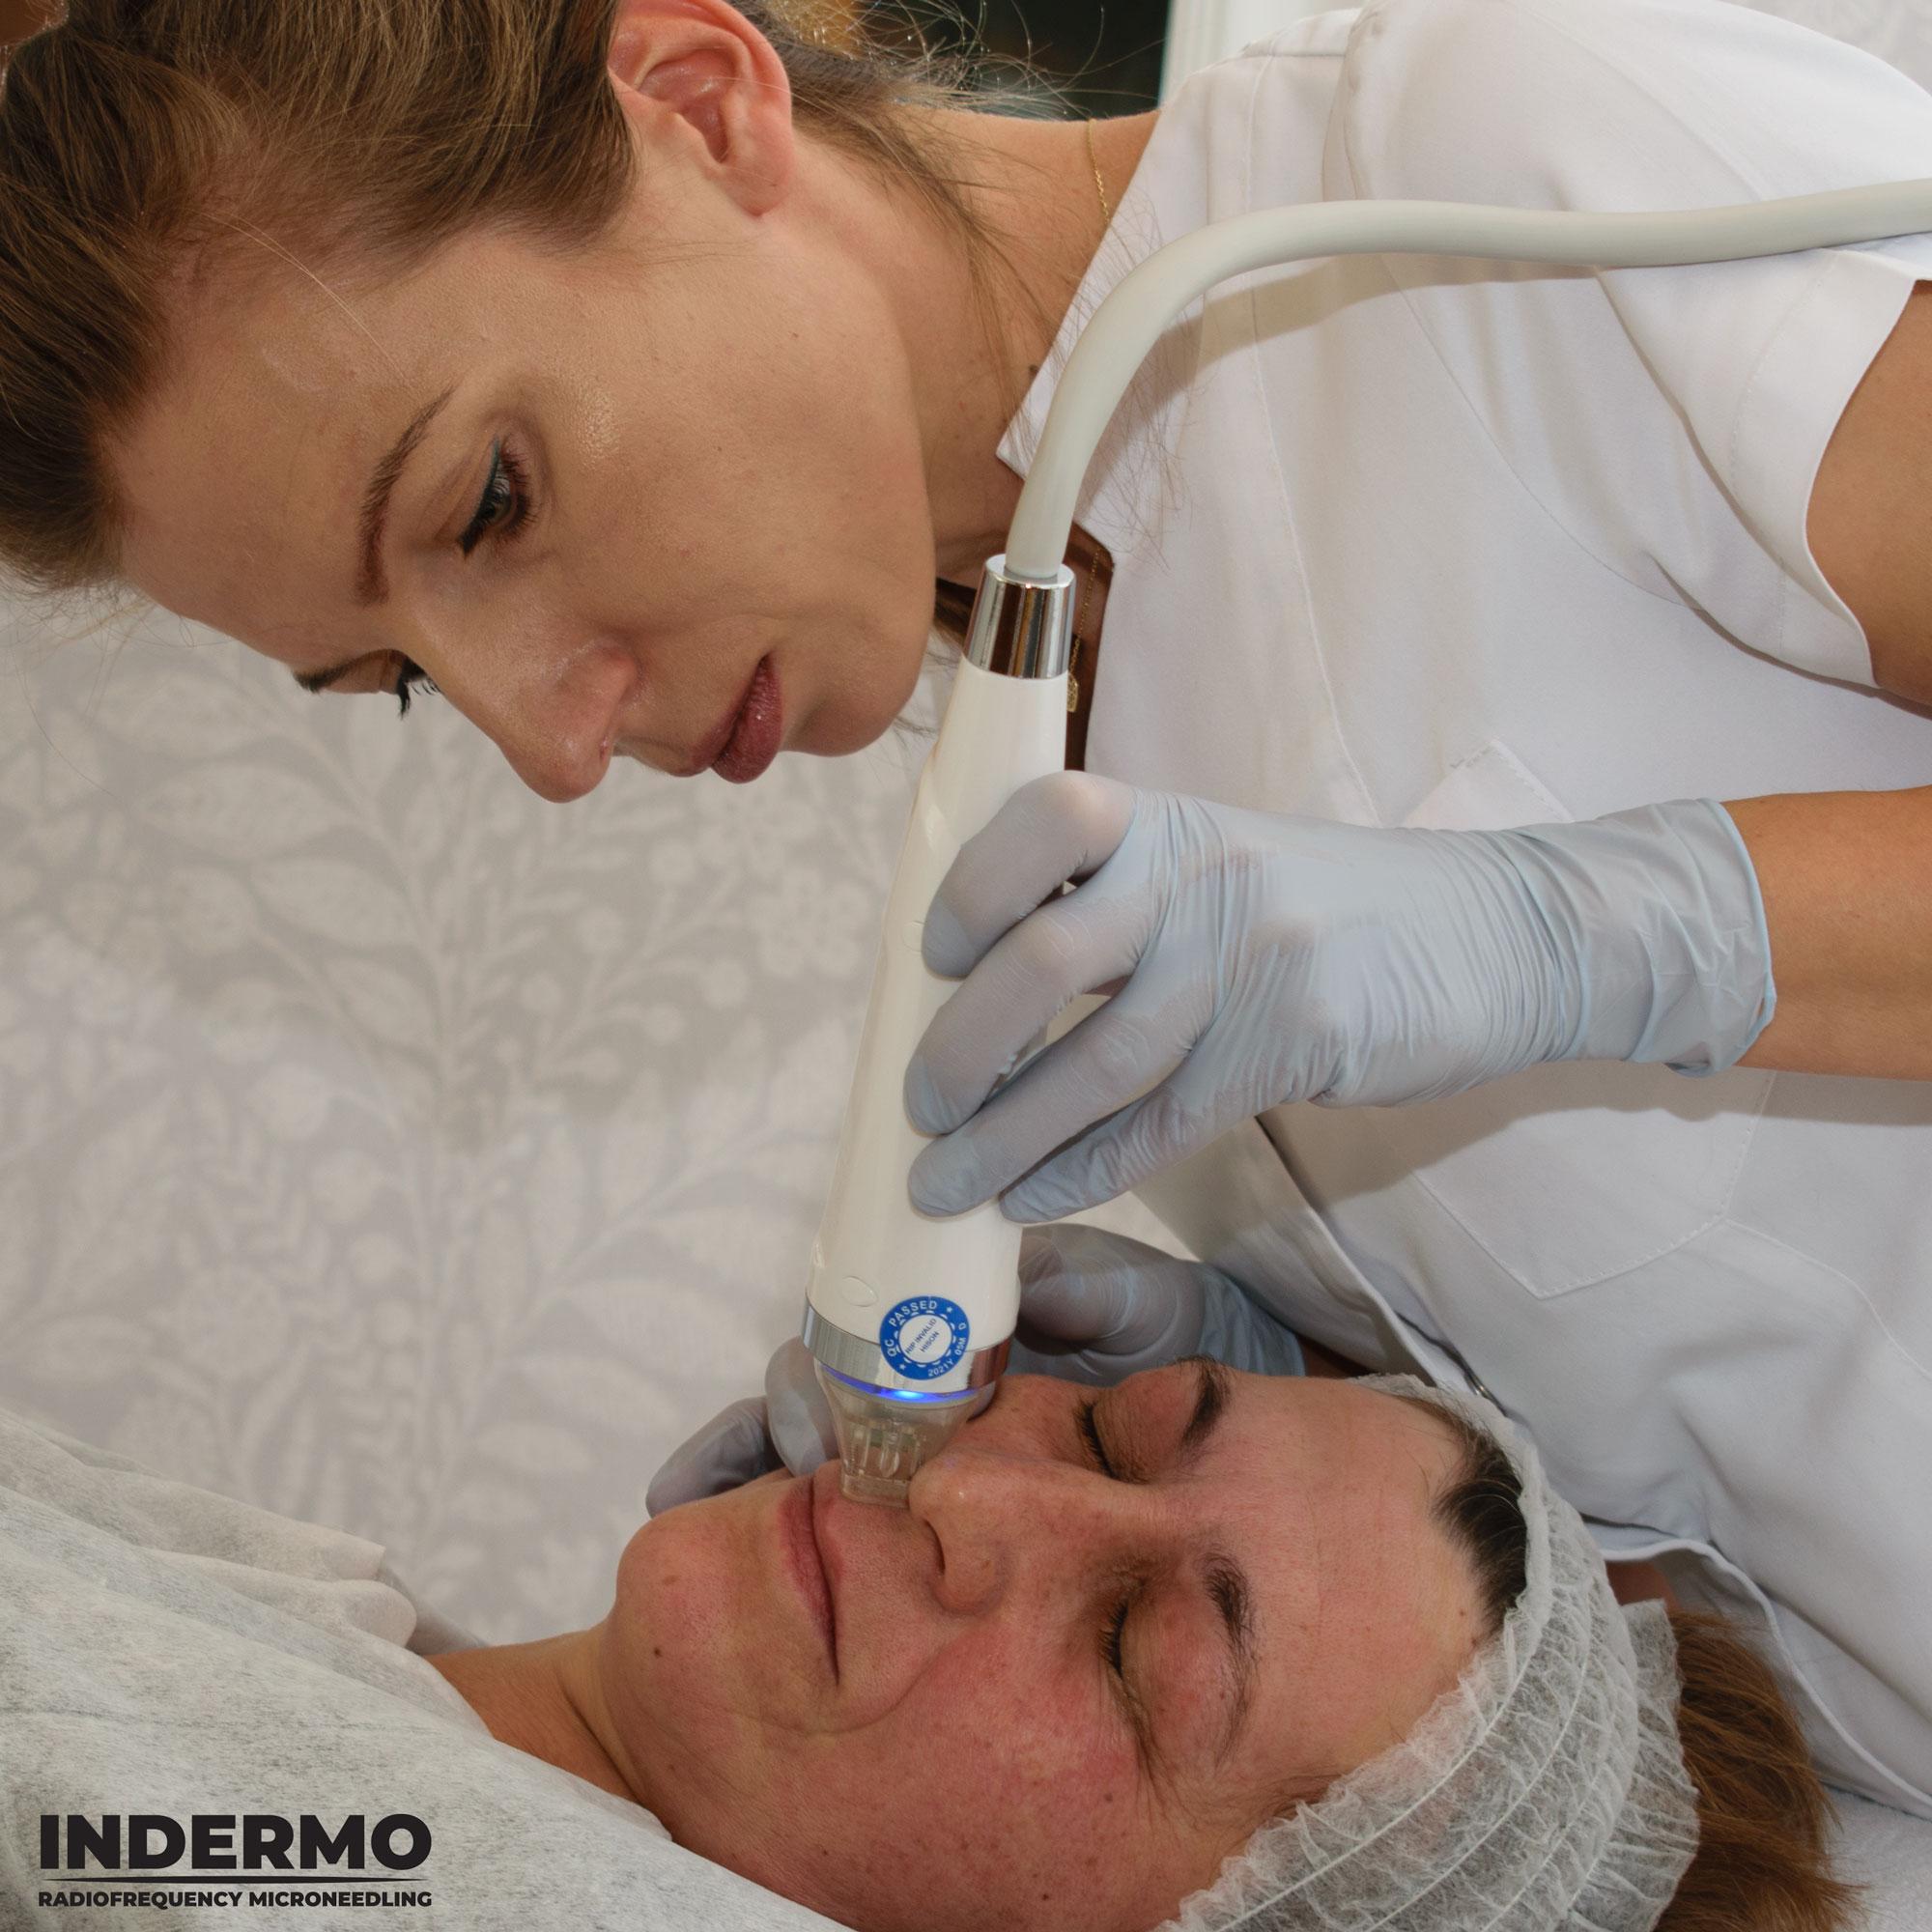 Za pomocą maszyny Indermo Radiofrequency Microeedling można wykonać bezpieczny zabieg na twarzy